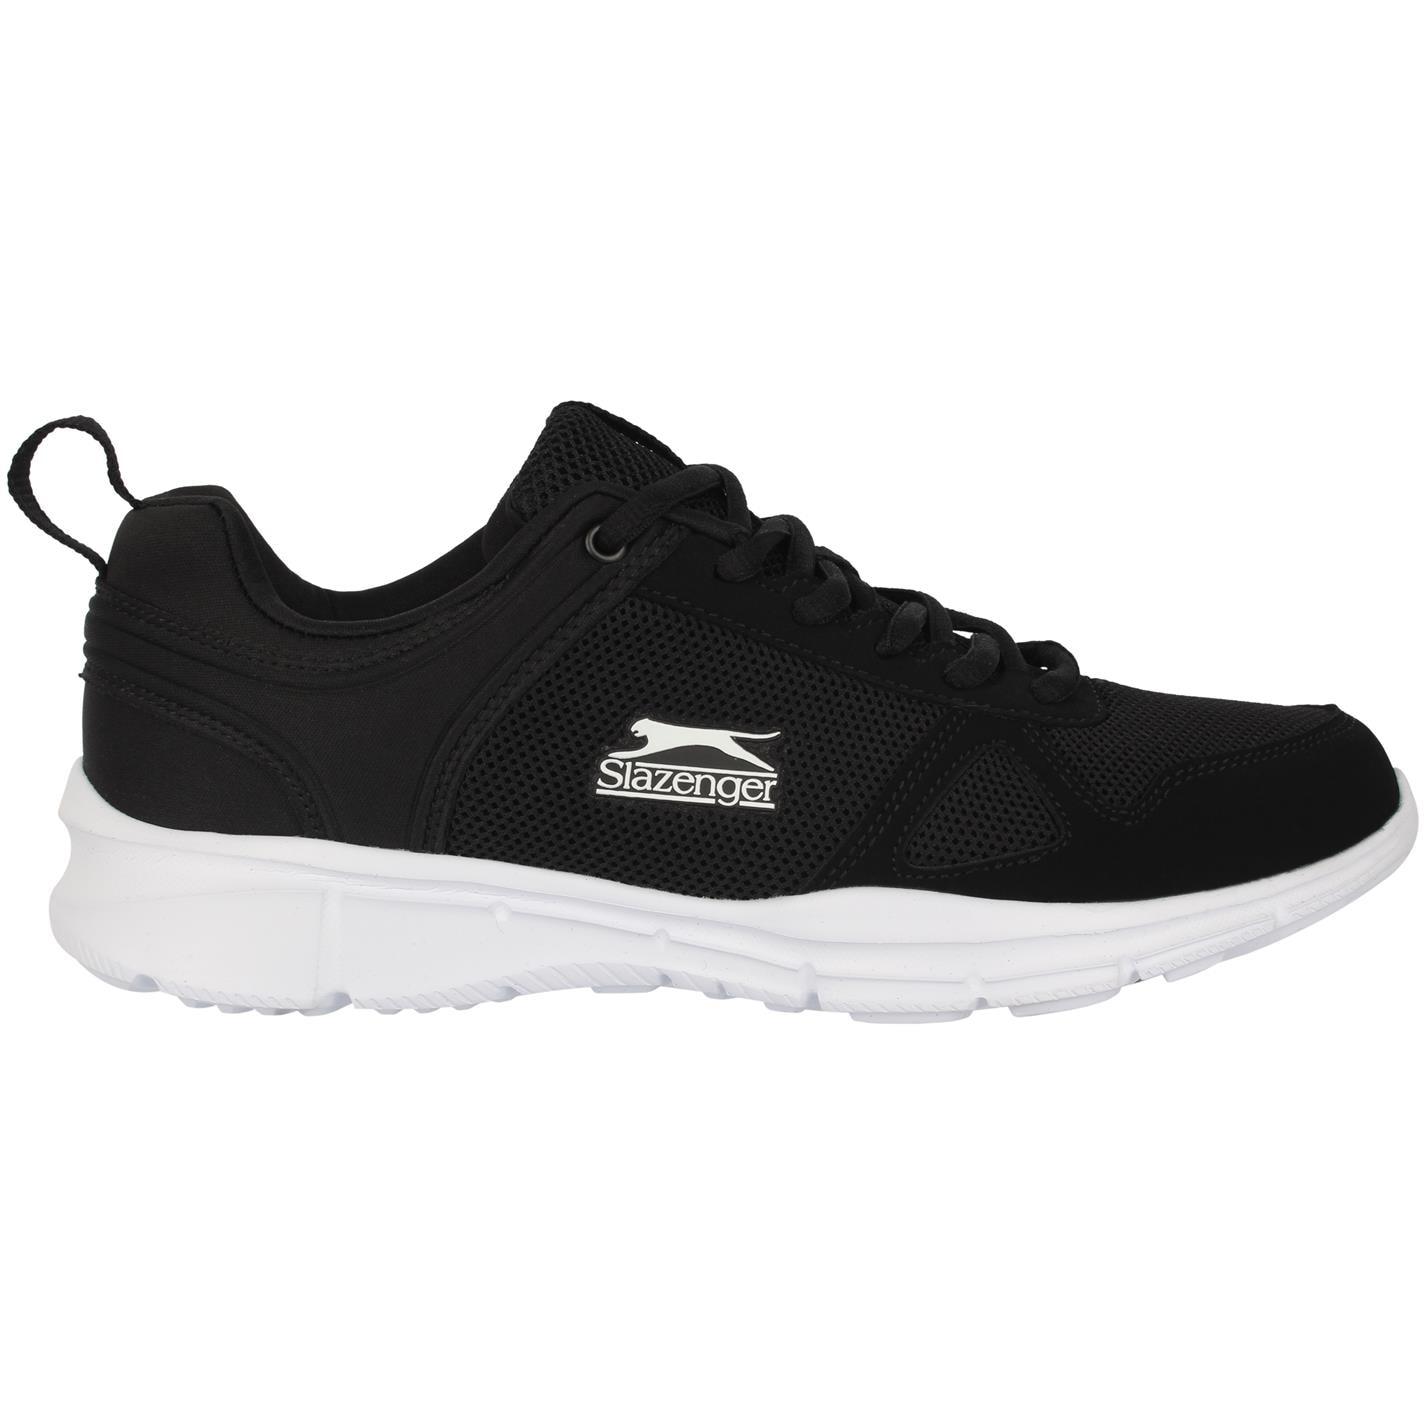 Slazenger Force Mesh Running Shoes Mens Black White 0a9cdca2f58